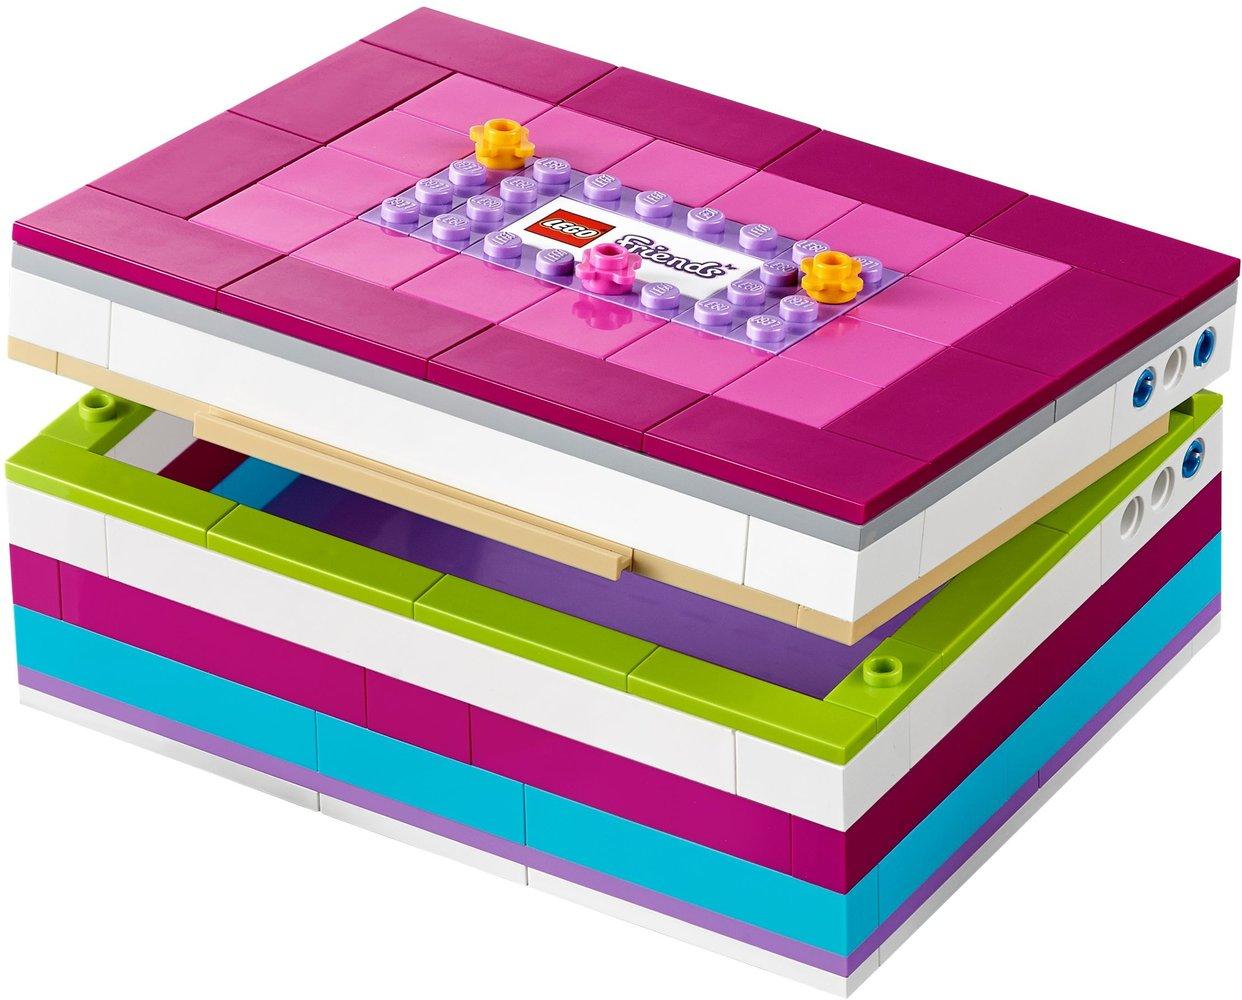 Lego Friends 40114 pas cher, Boîte à bijoux à construire Friends